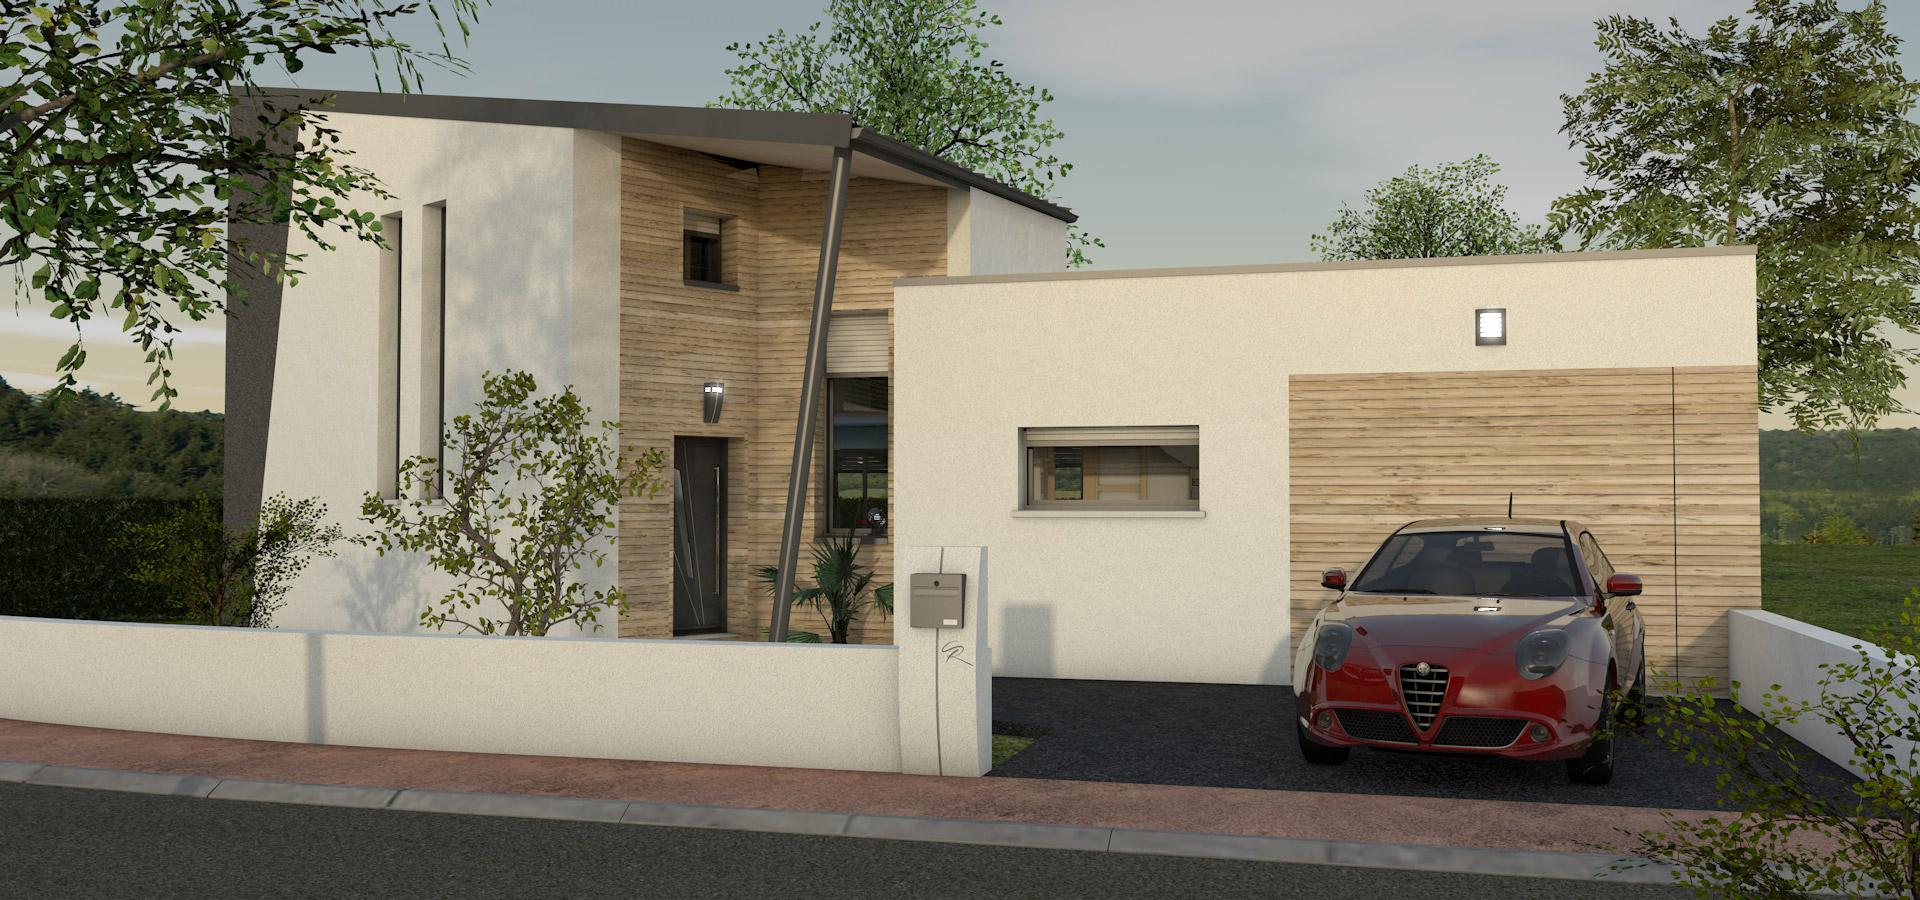 Nos réalisations - Serge Ratouit - Habitat - Vendée